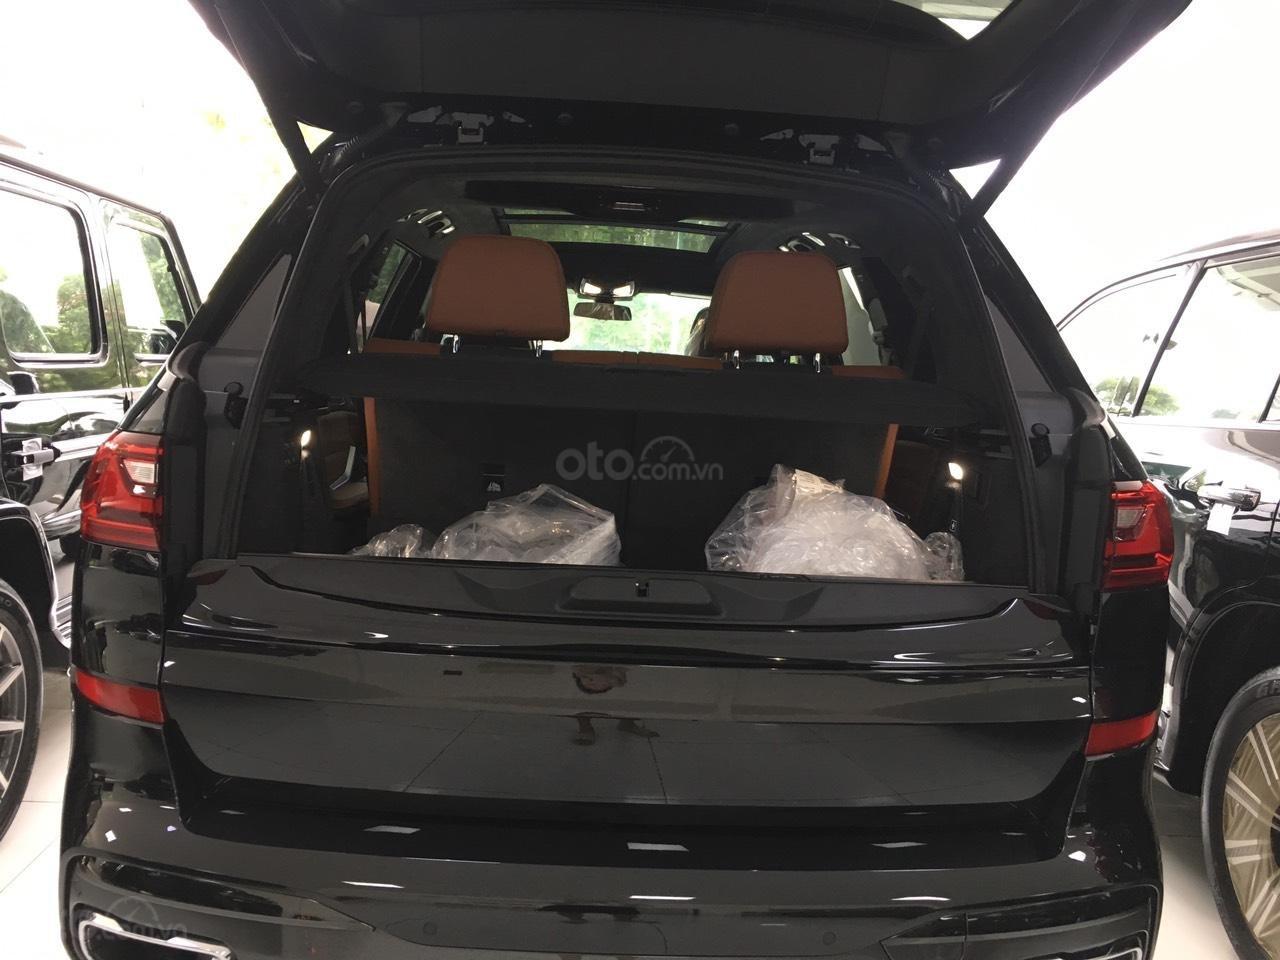 Bán xe BMW X7 xDrive 40i đời 2020, giá tốt, giao ngay toàn quốc - LH 093.996.2368 Ms. Ngọc Vy (12)